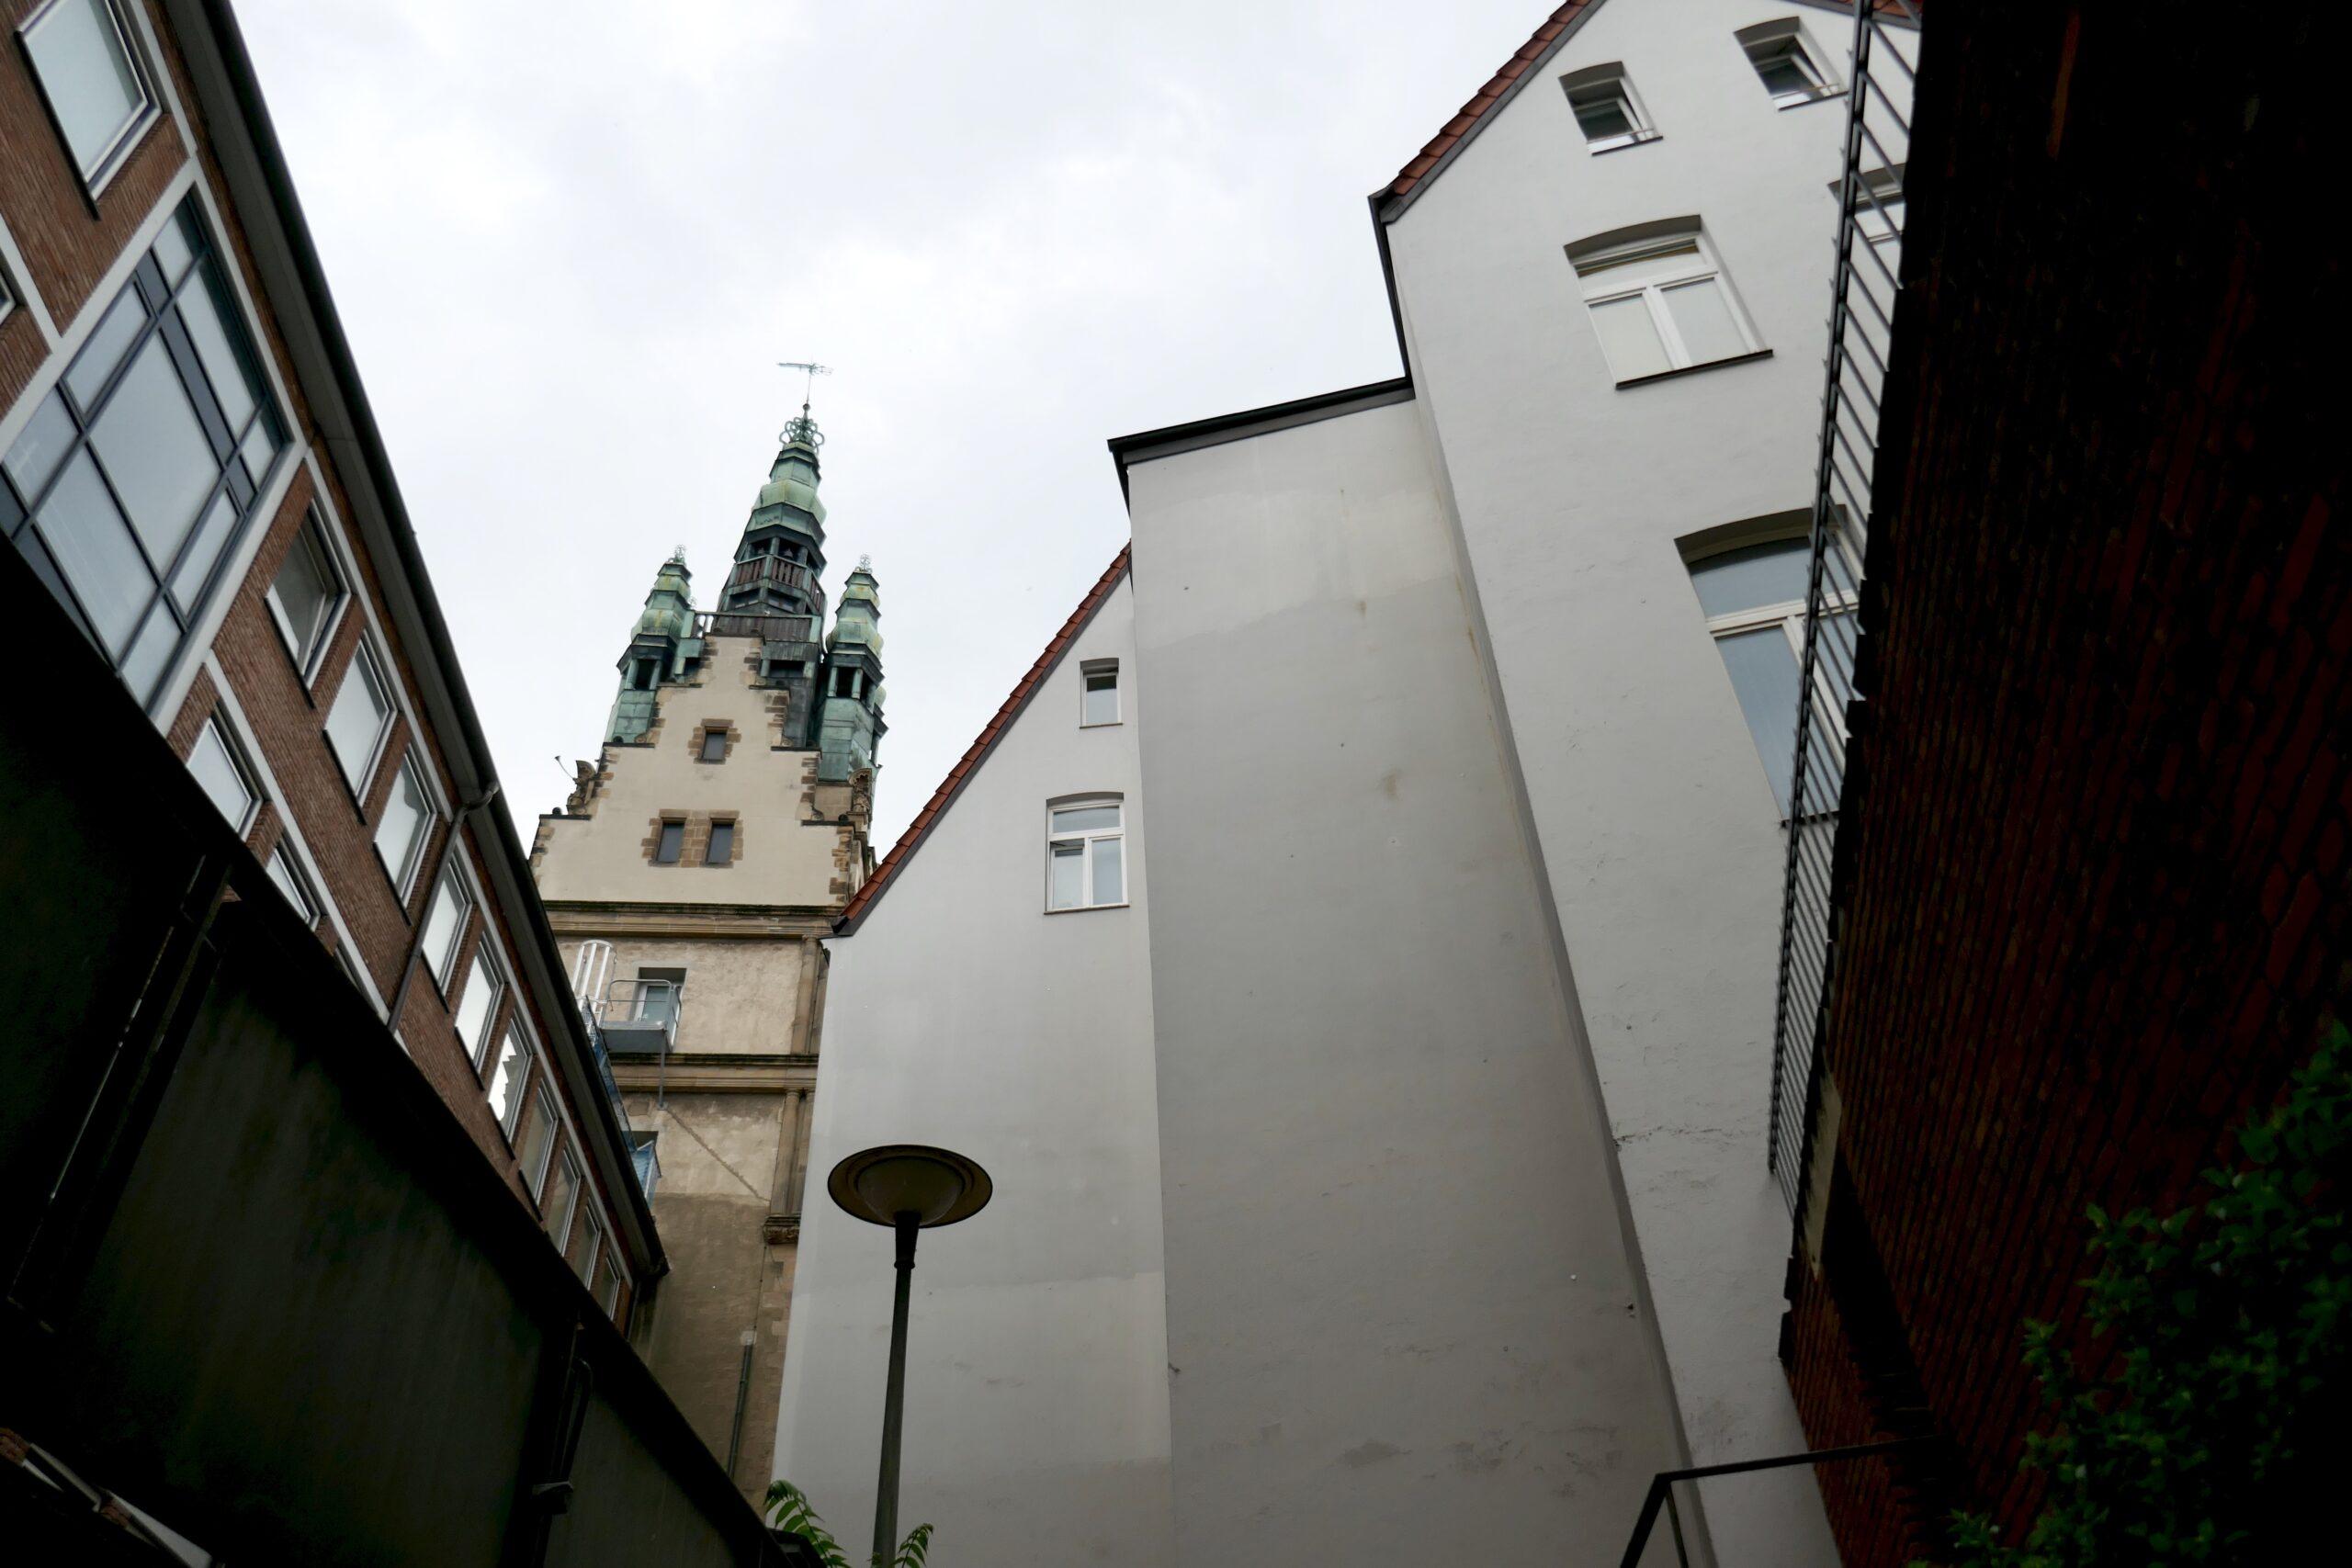 Münster Modell: Hof am Stadthausturm in Münster - Blick von Aussentreppe - Foto: Münster Modell